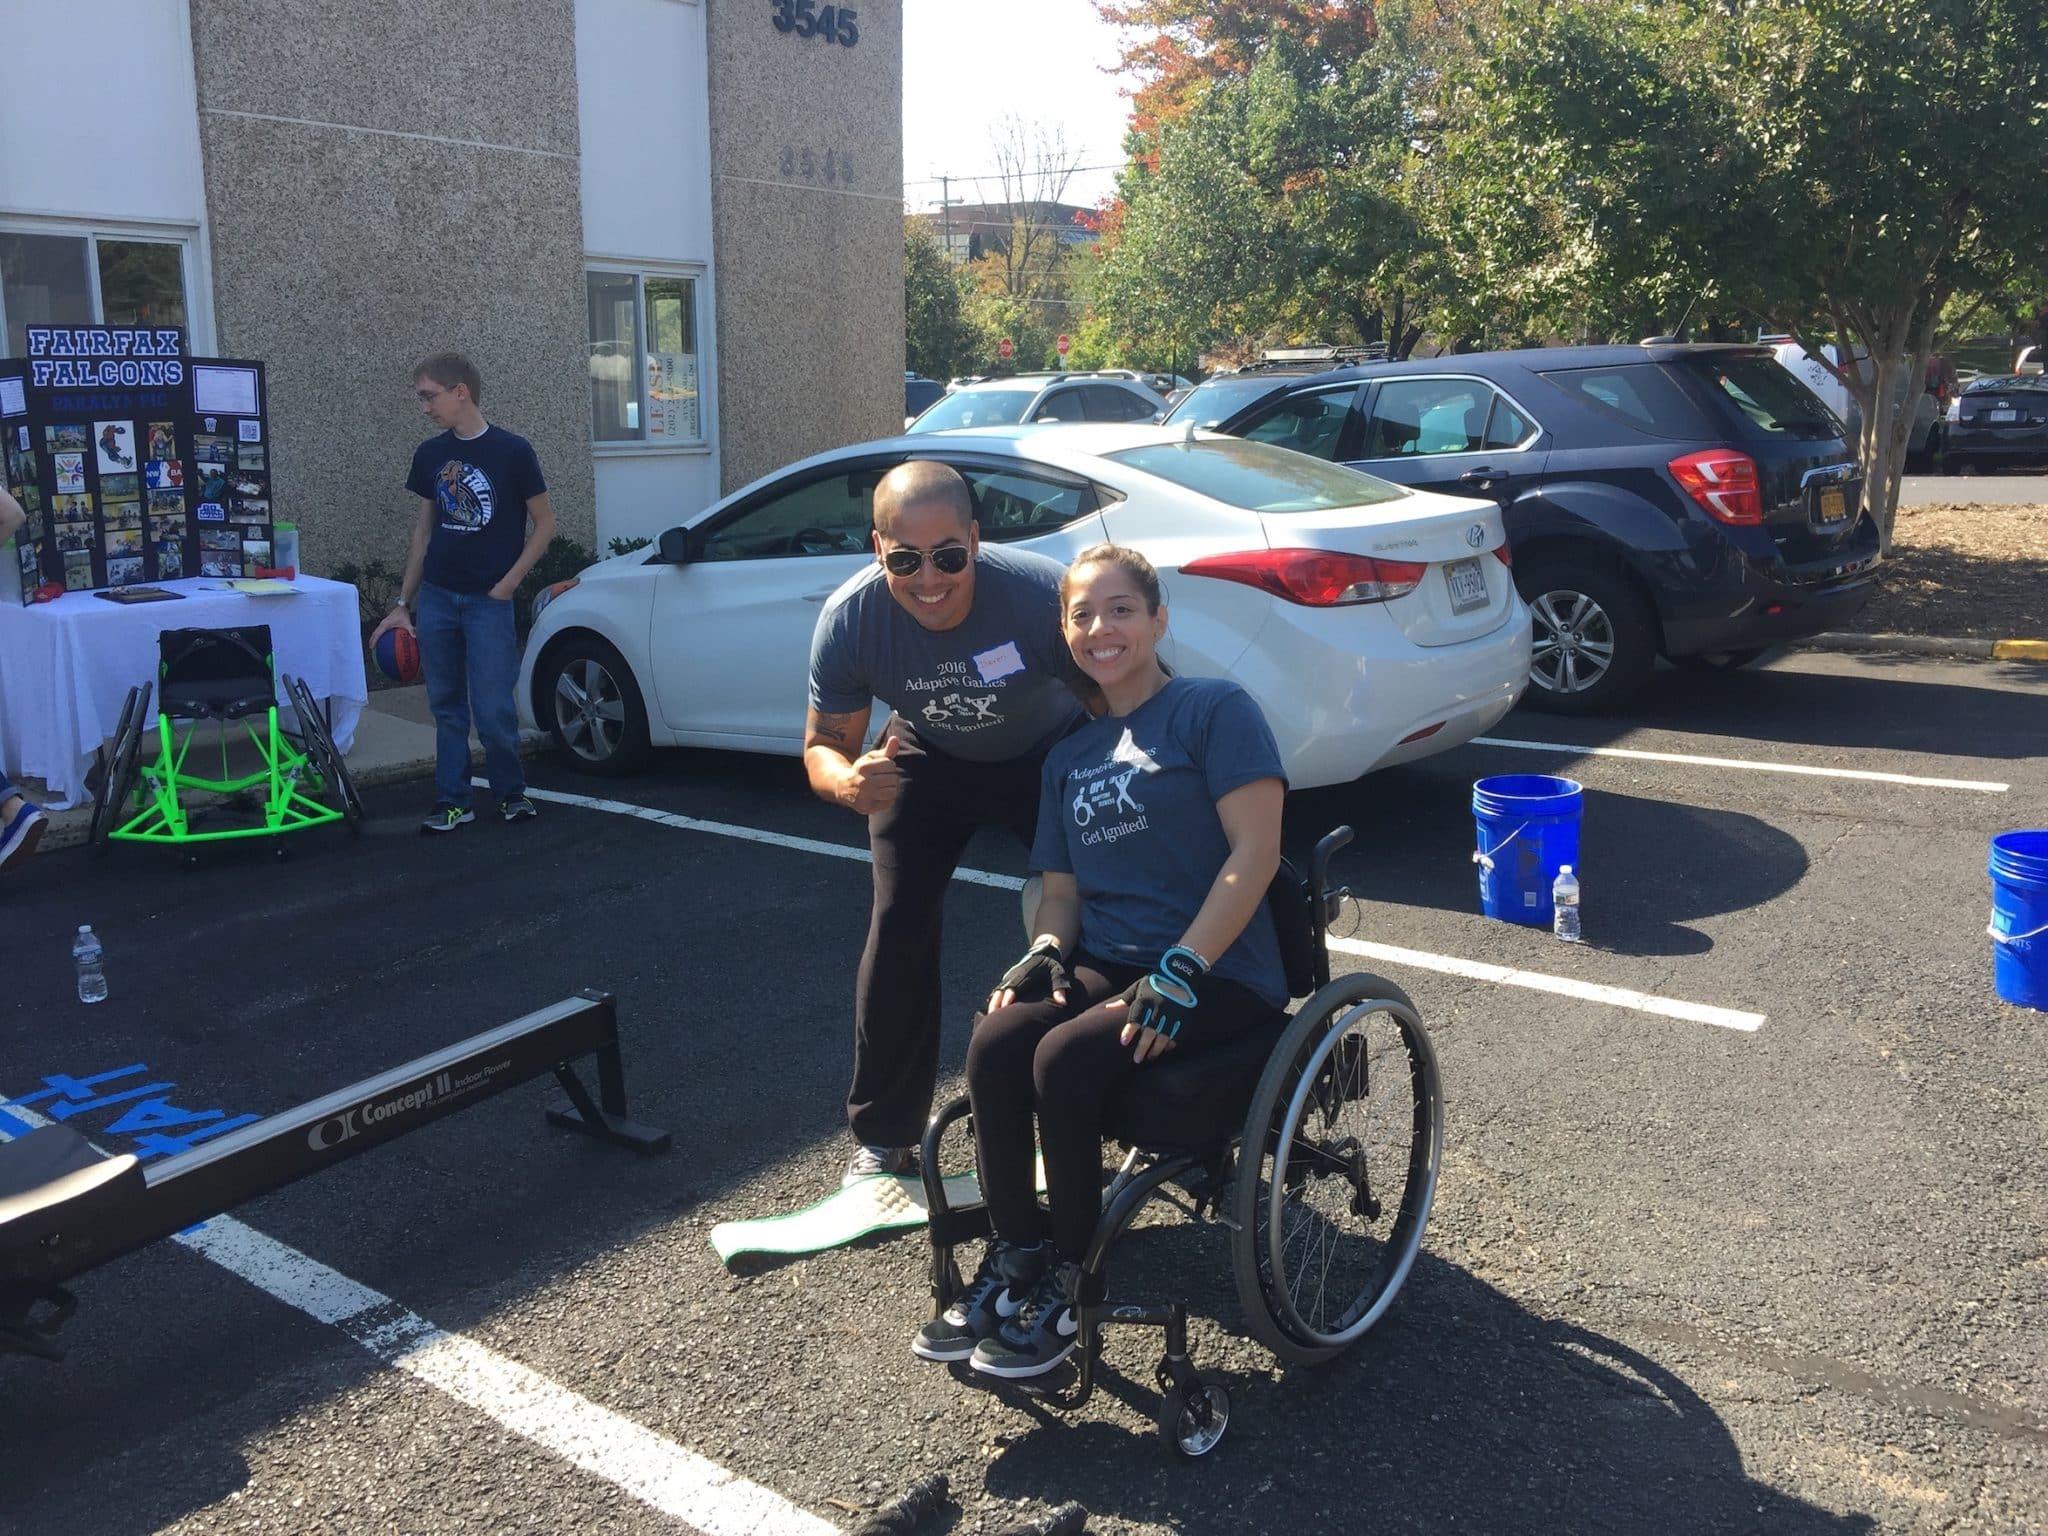 Devon-Joanna-wheelchair-parking lot